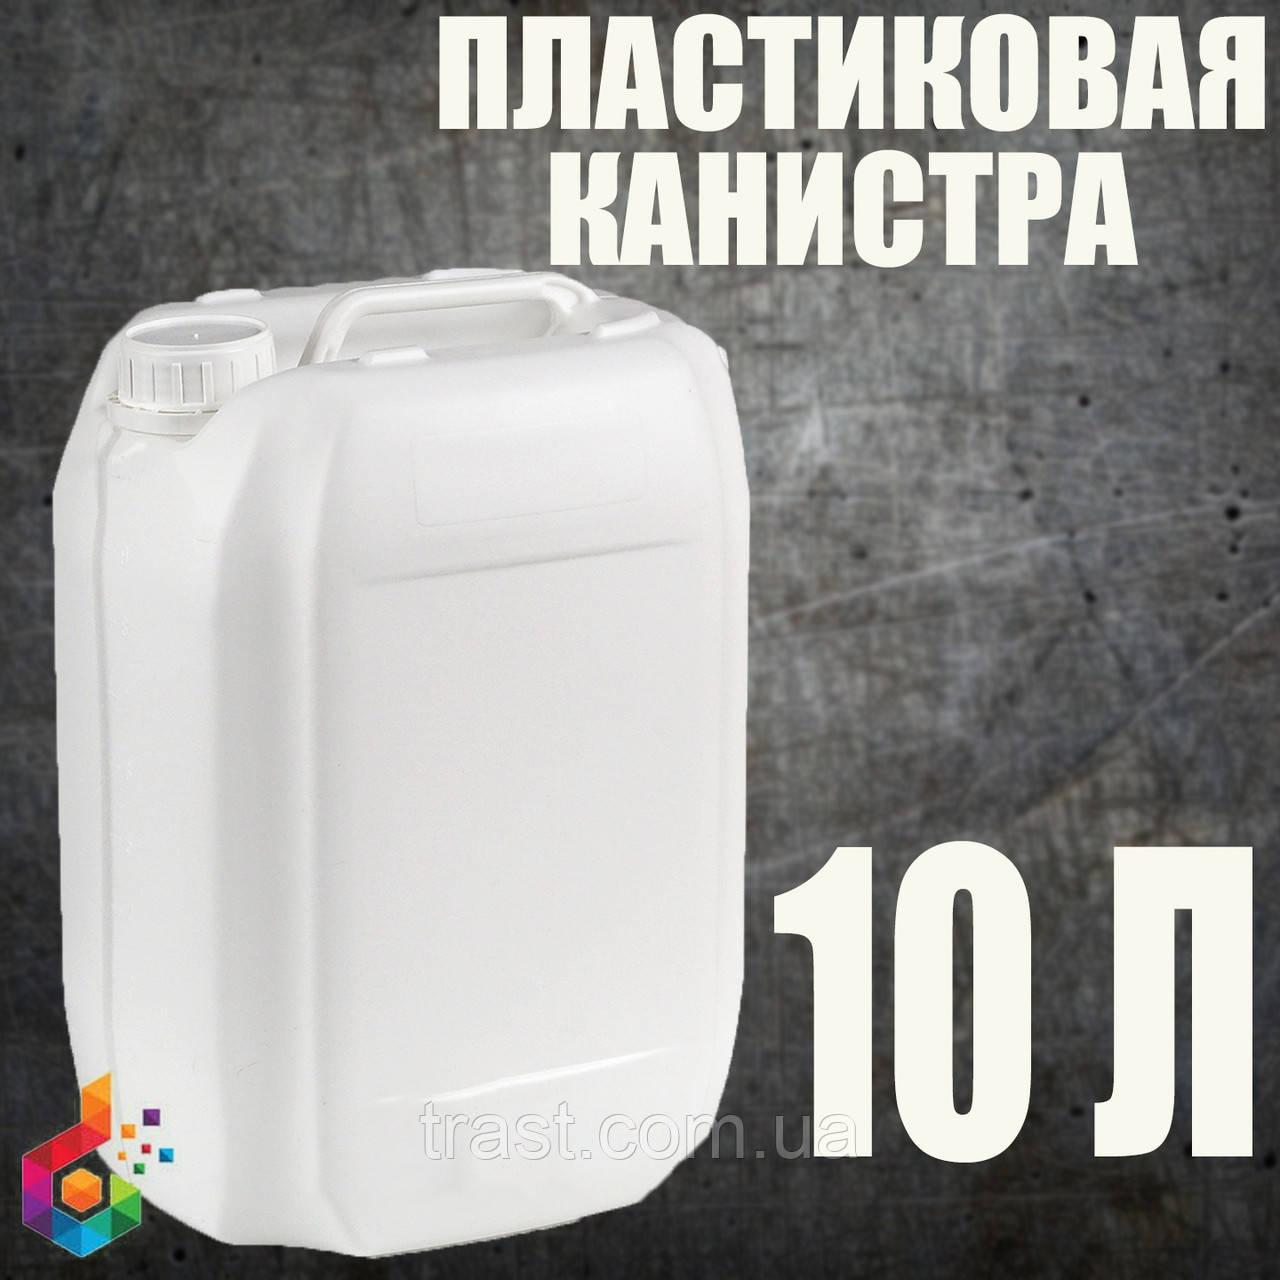 Канистра пластиковая штабелируемая 10 л с крышкой